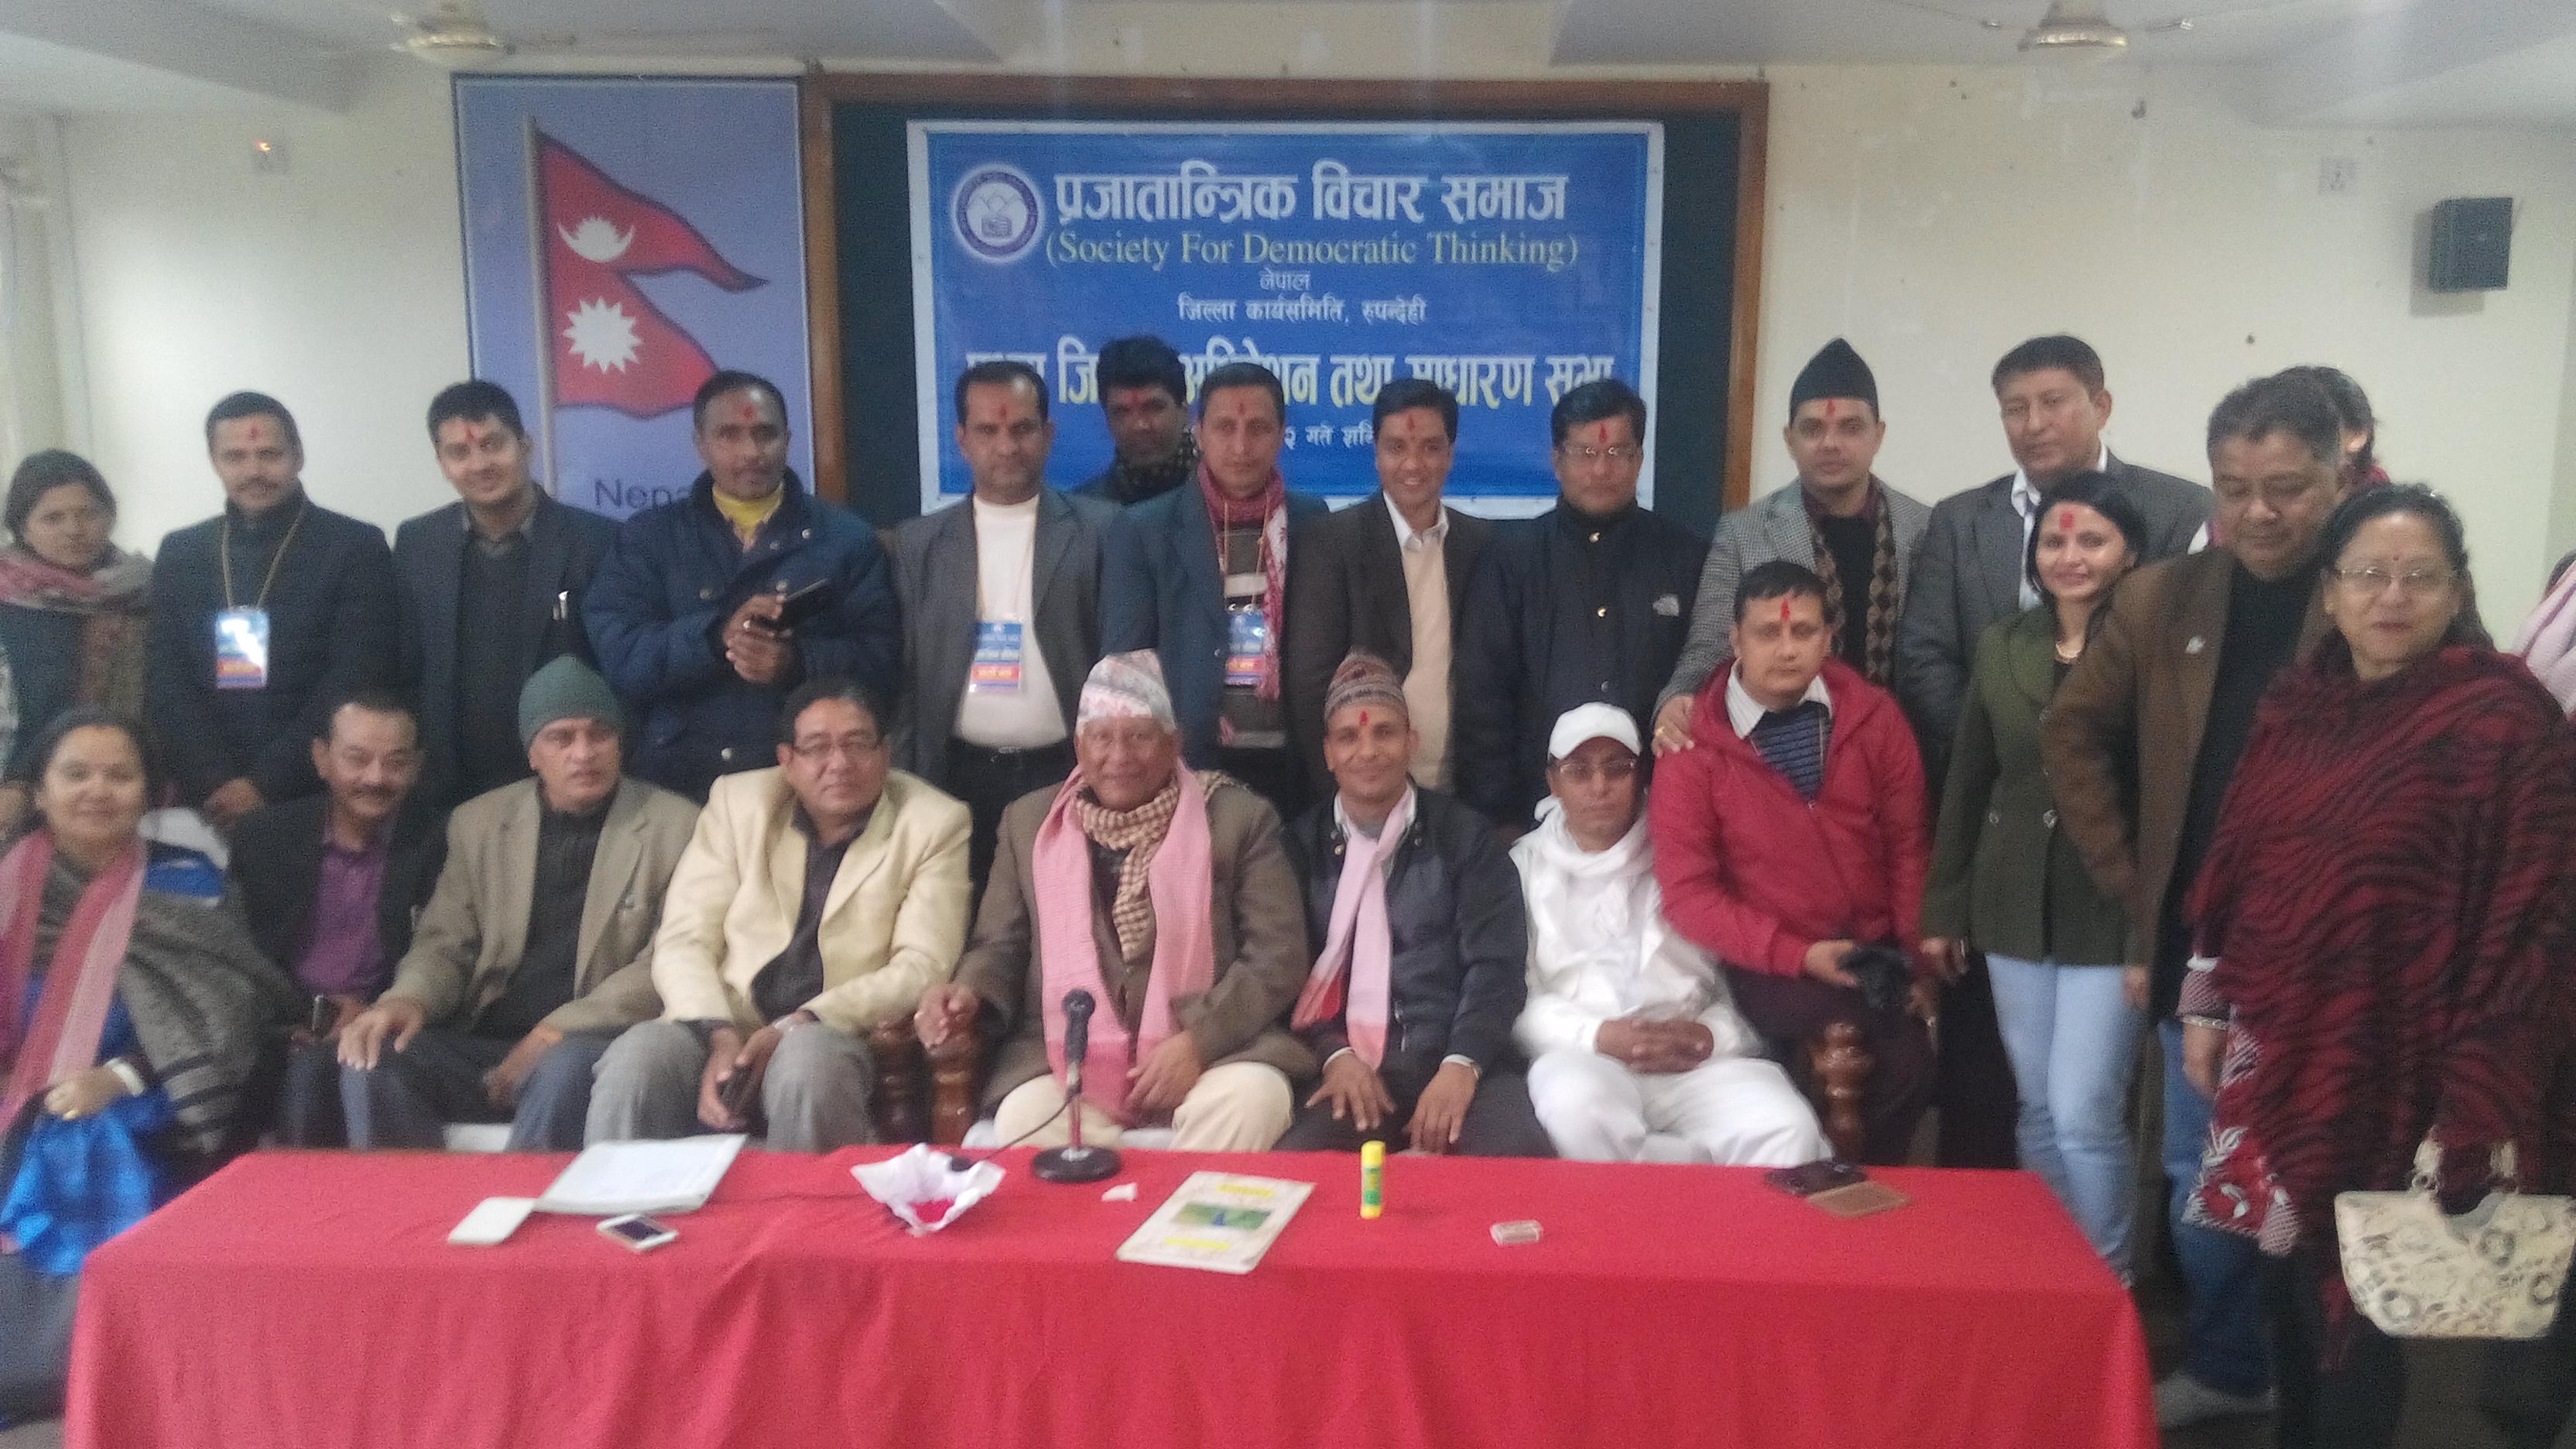 प्रजातान्त्रिक बिचार समाज रुपन्देहीको १५ सदस्यीय नयाँ कार्यसमिति चयन